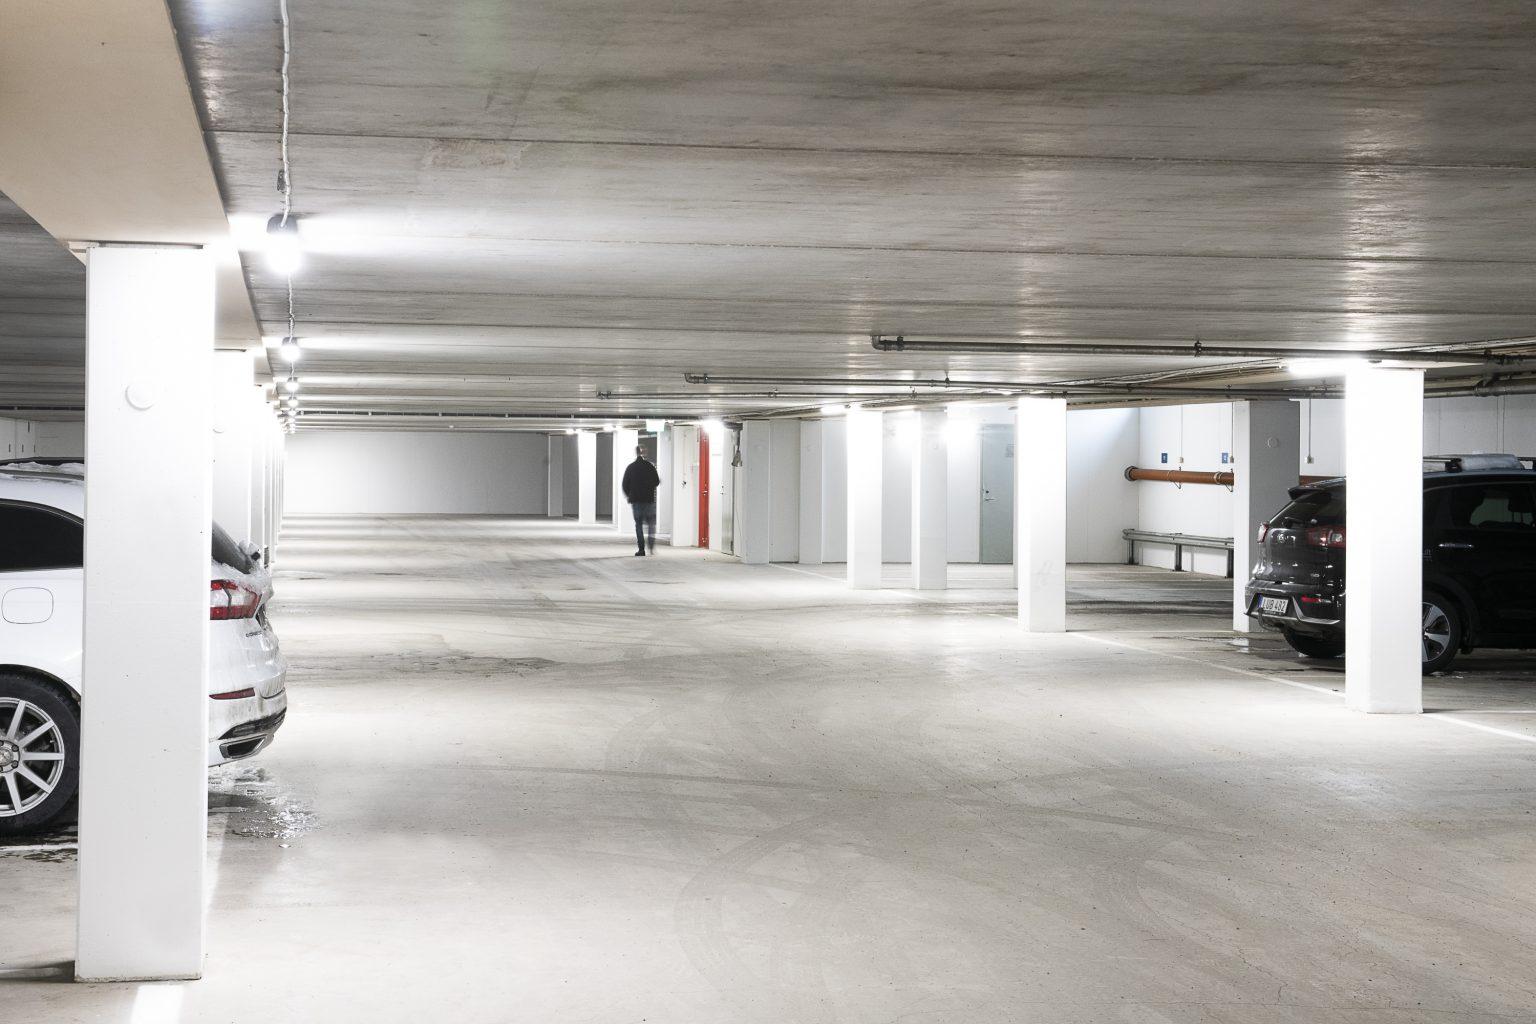 Värtahamnen garage